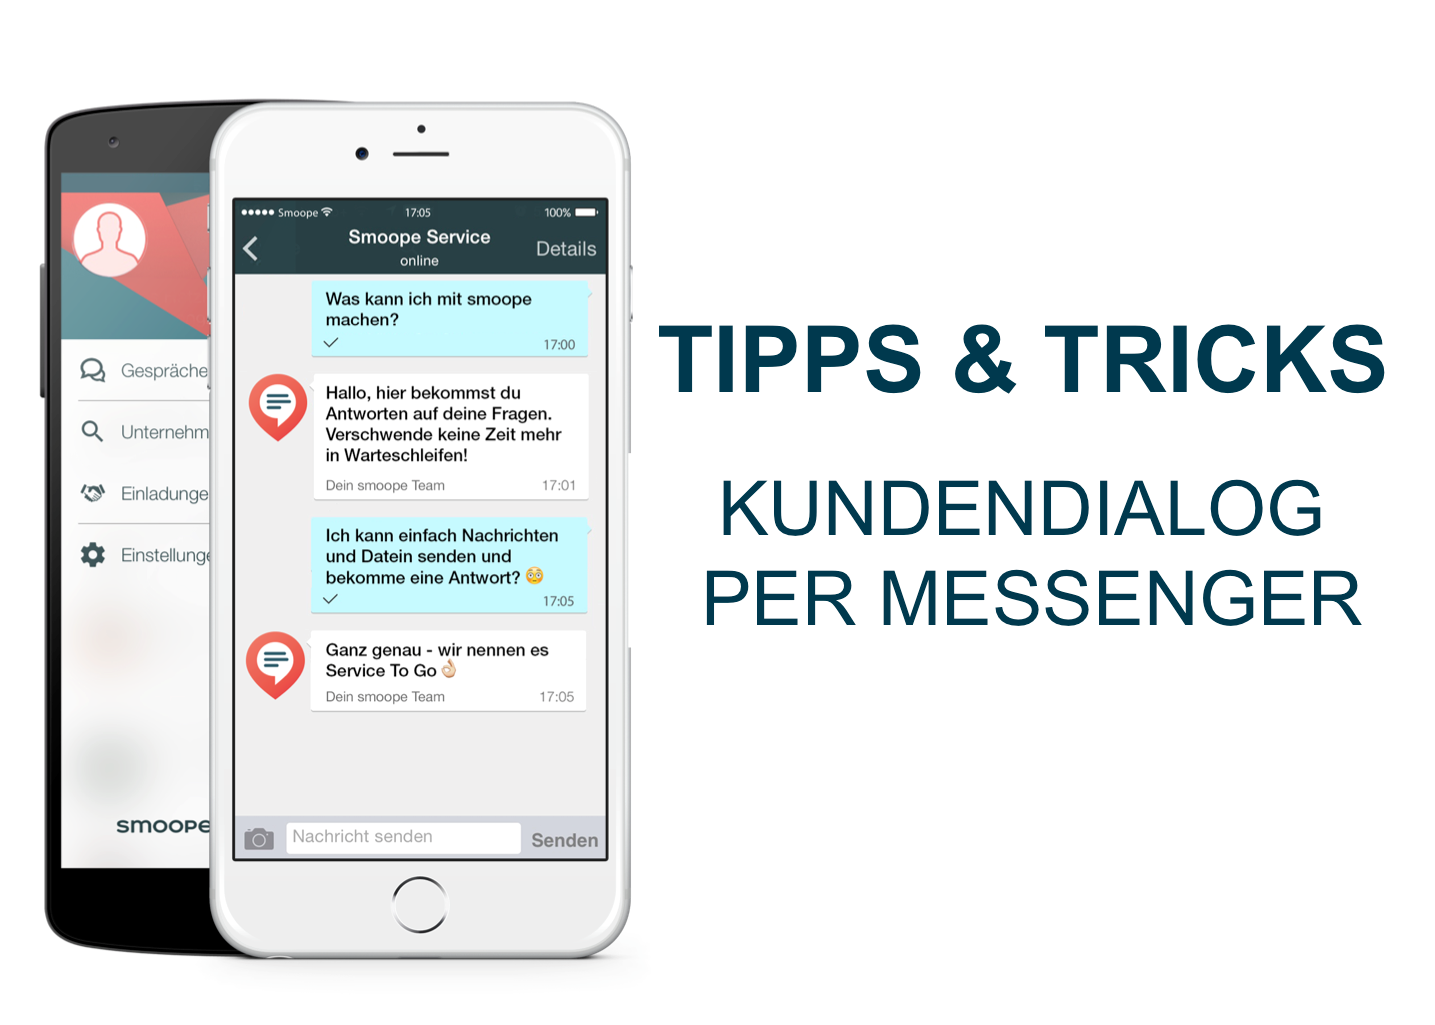 Kundendialog per Messenger – wie geht das eigentlich und was muss ich beachten?